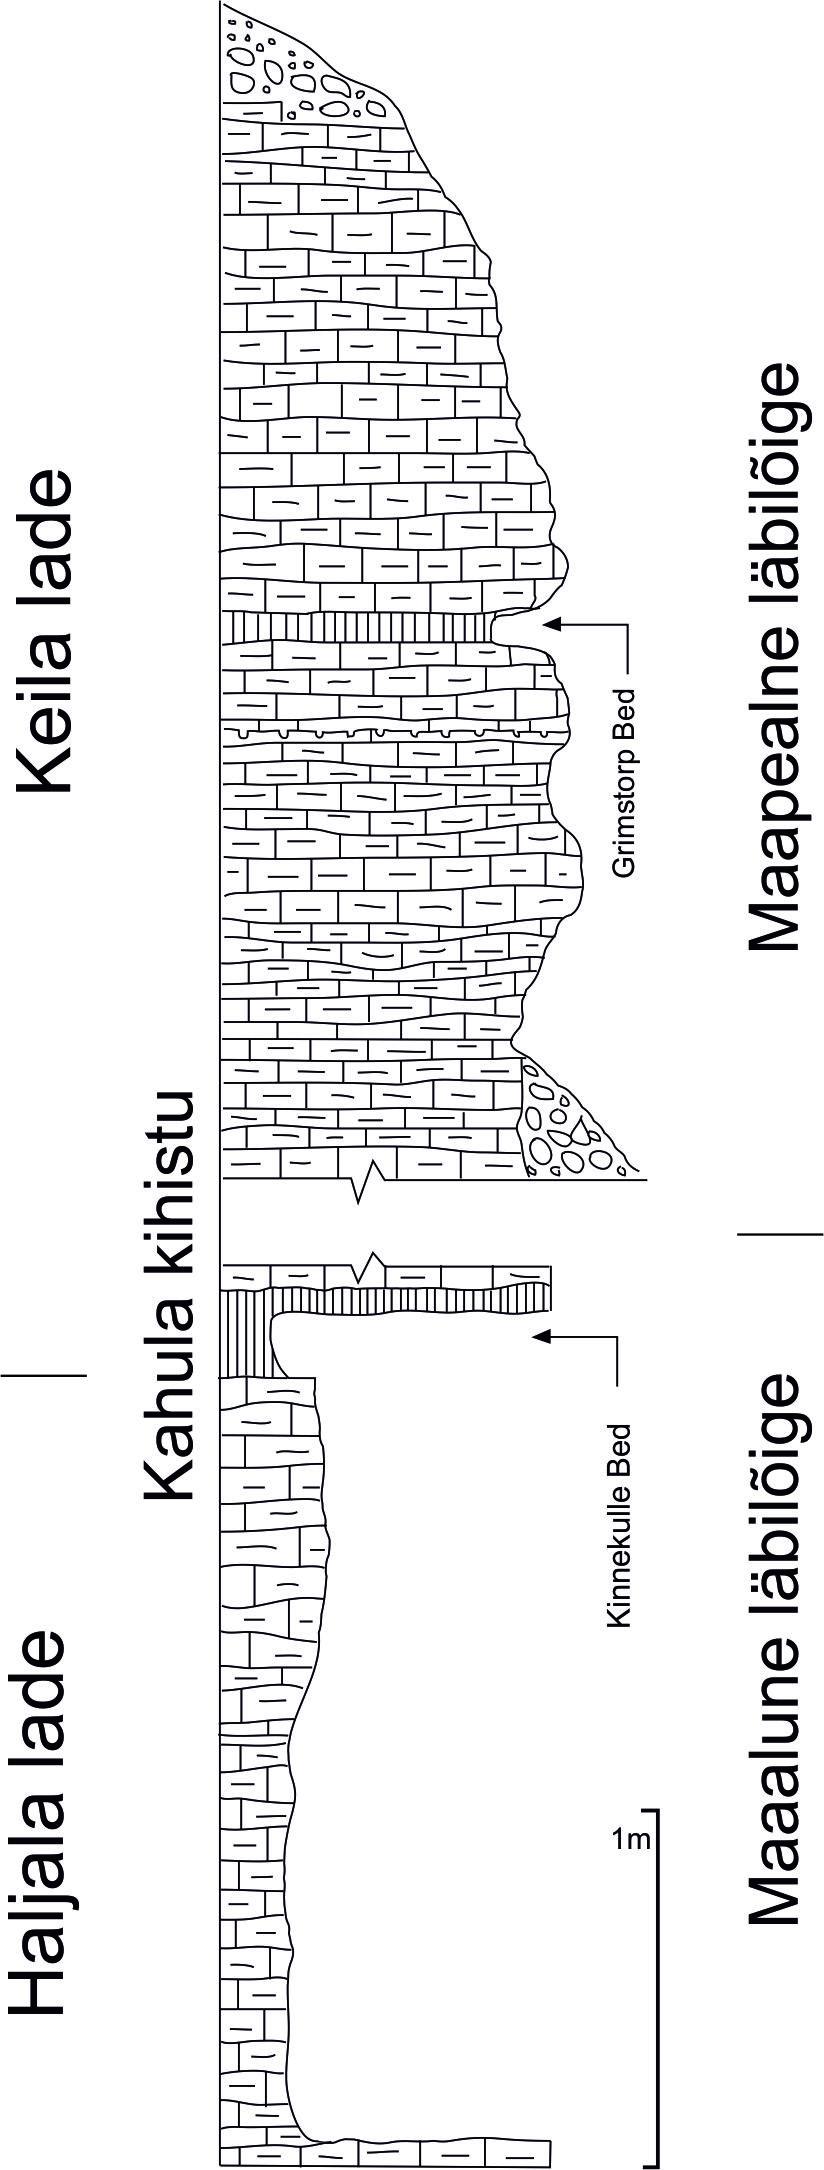 Keila lademe piiristratotüübi Pääsküla täisprofiili läbilõige Hints, 2004 põhjal.